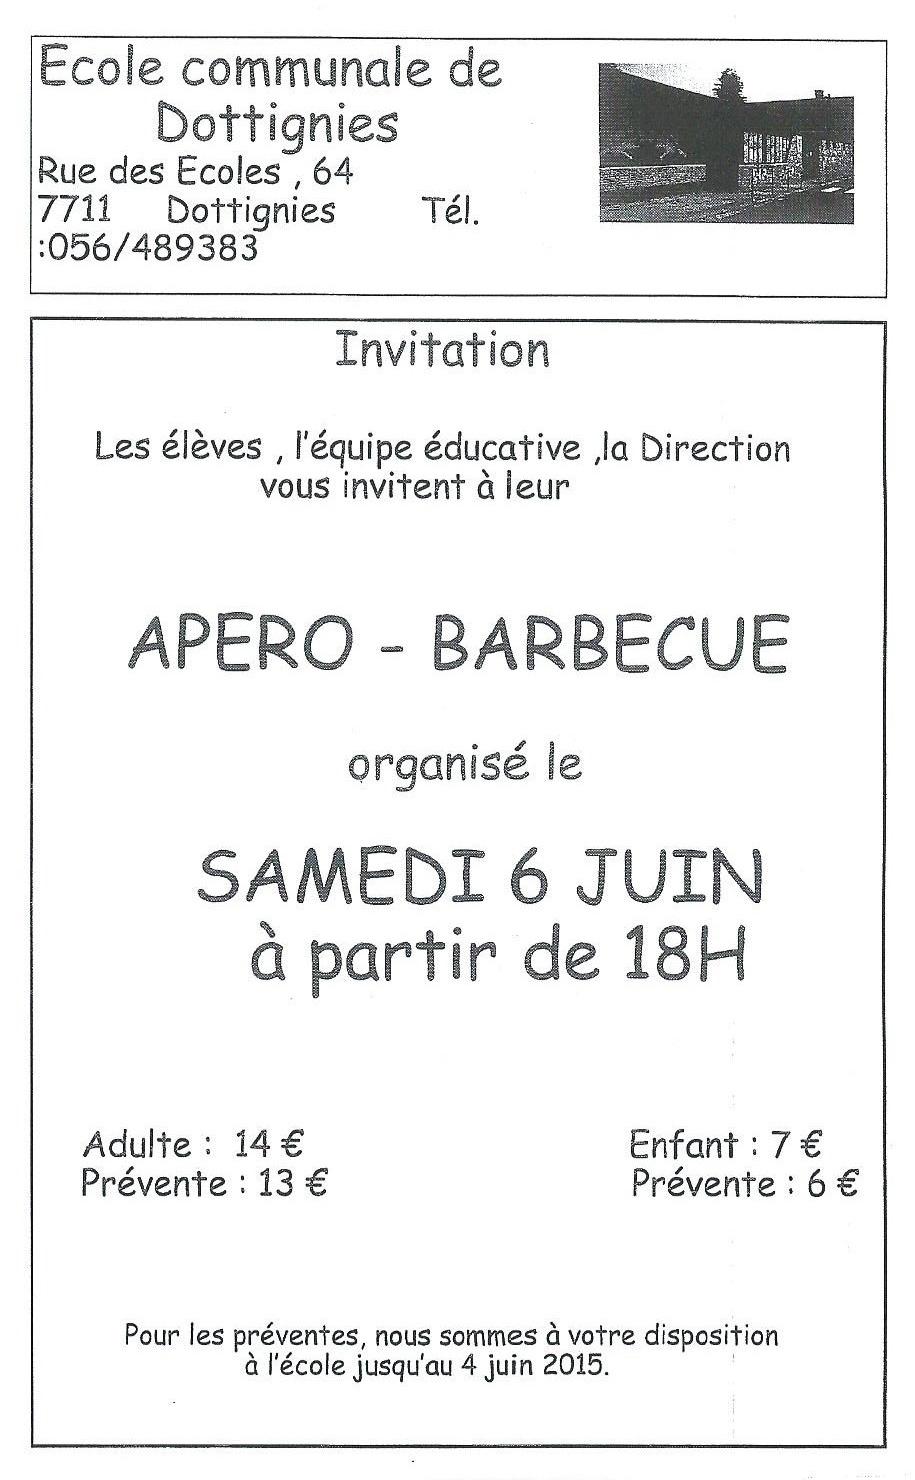 Apéro & Barbecue de l'Ecole Communale de Dottignies